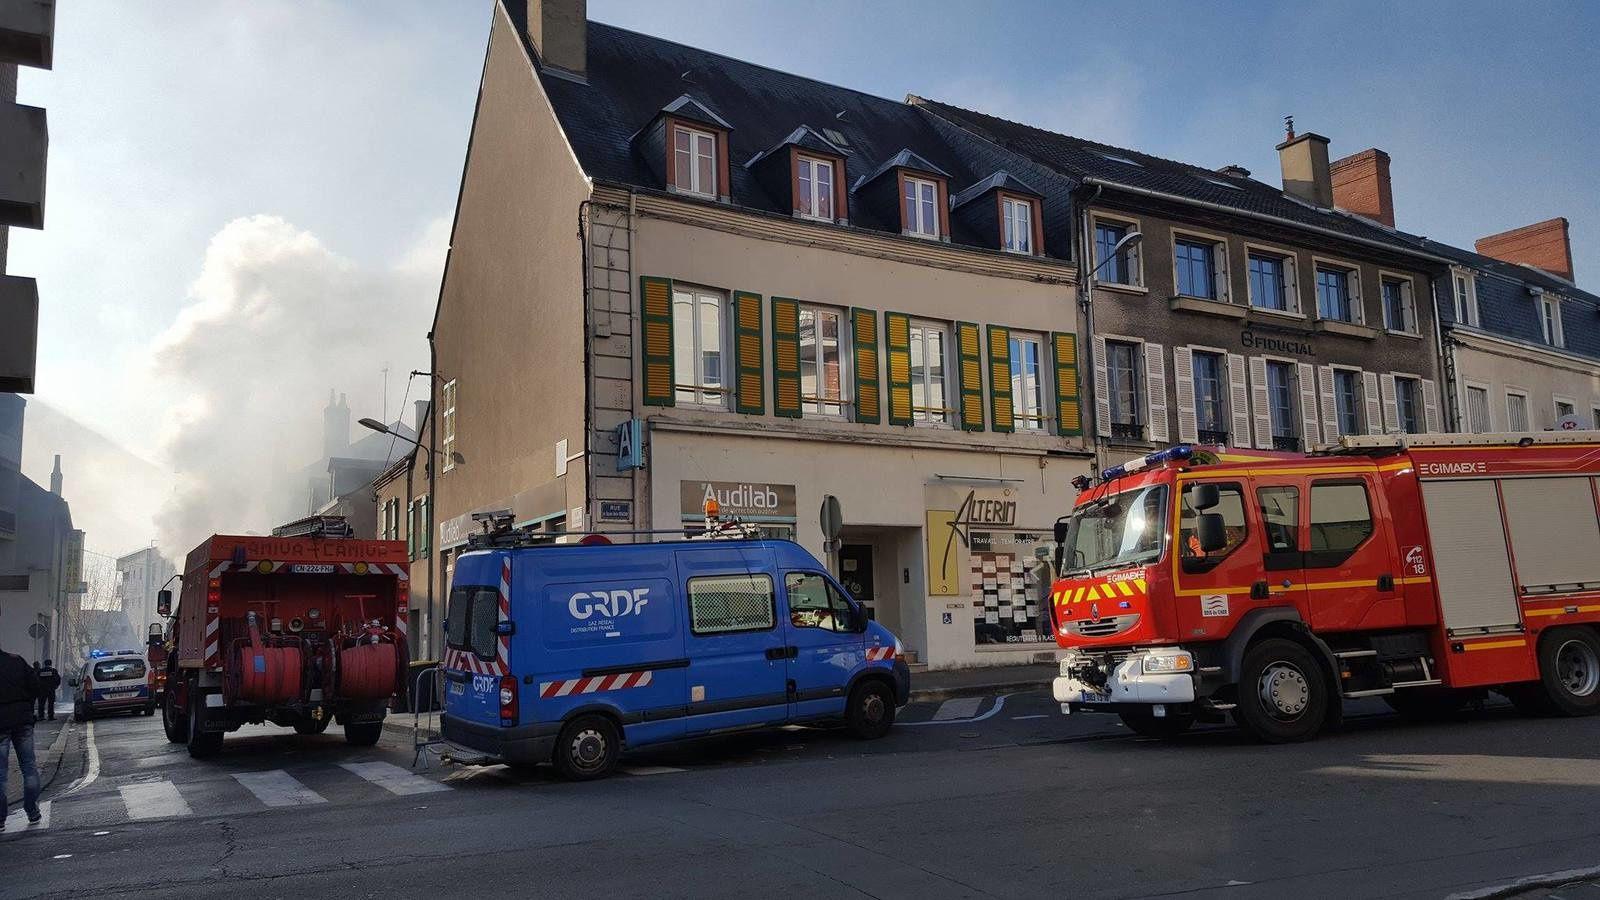 Un incendie a pris dans un appartement de la rue de la Gaucherie à Vierzon. (photos Thibaut Le Mouel).